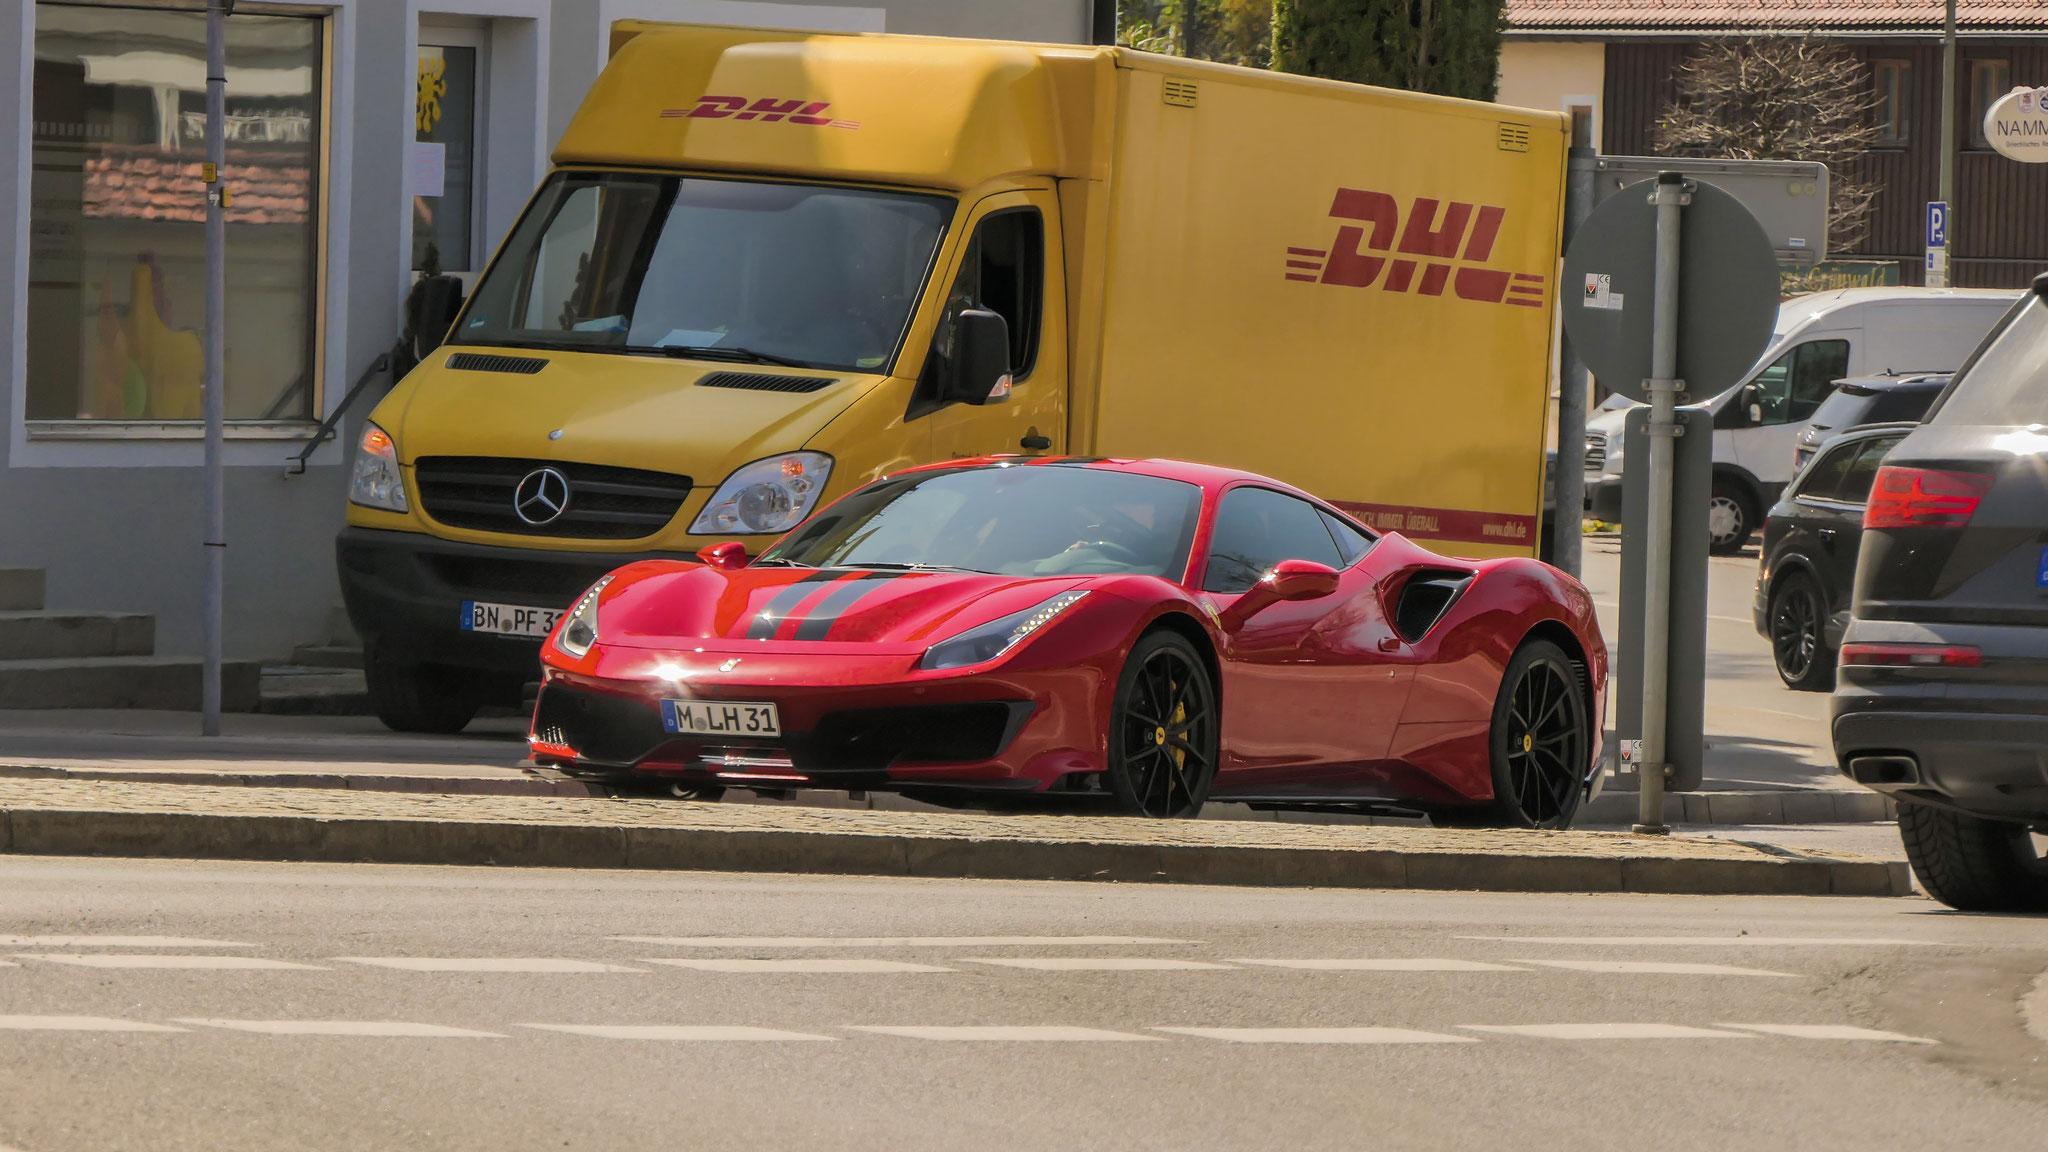 Ferrari 488 Pista - M-LH-31